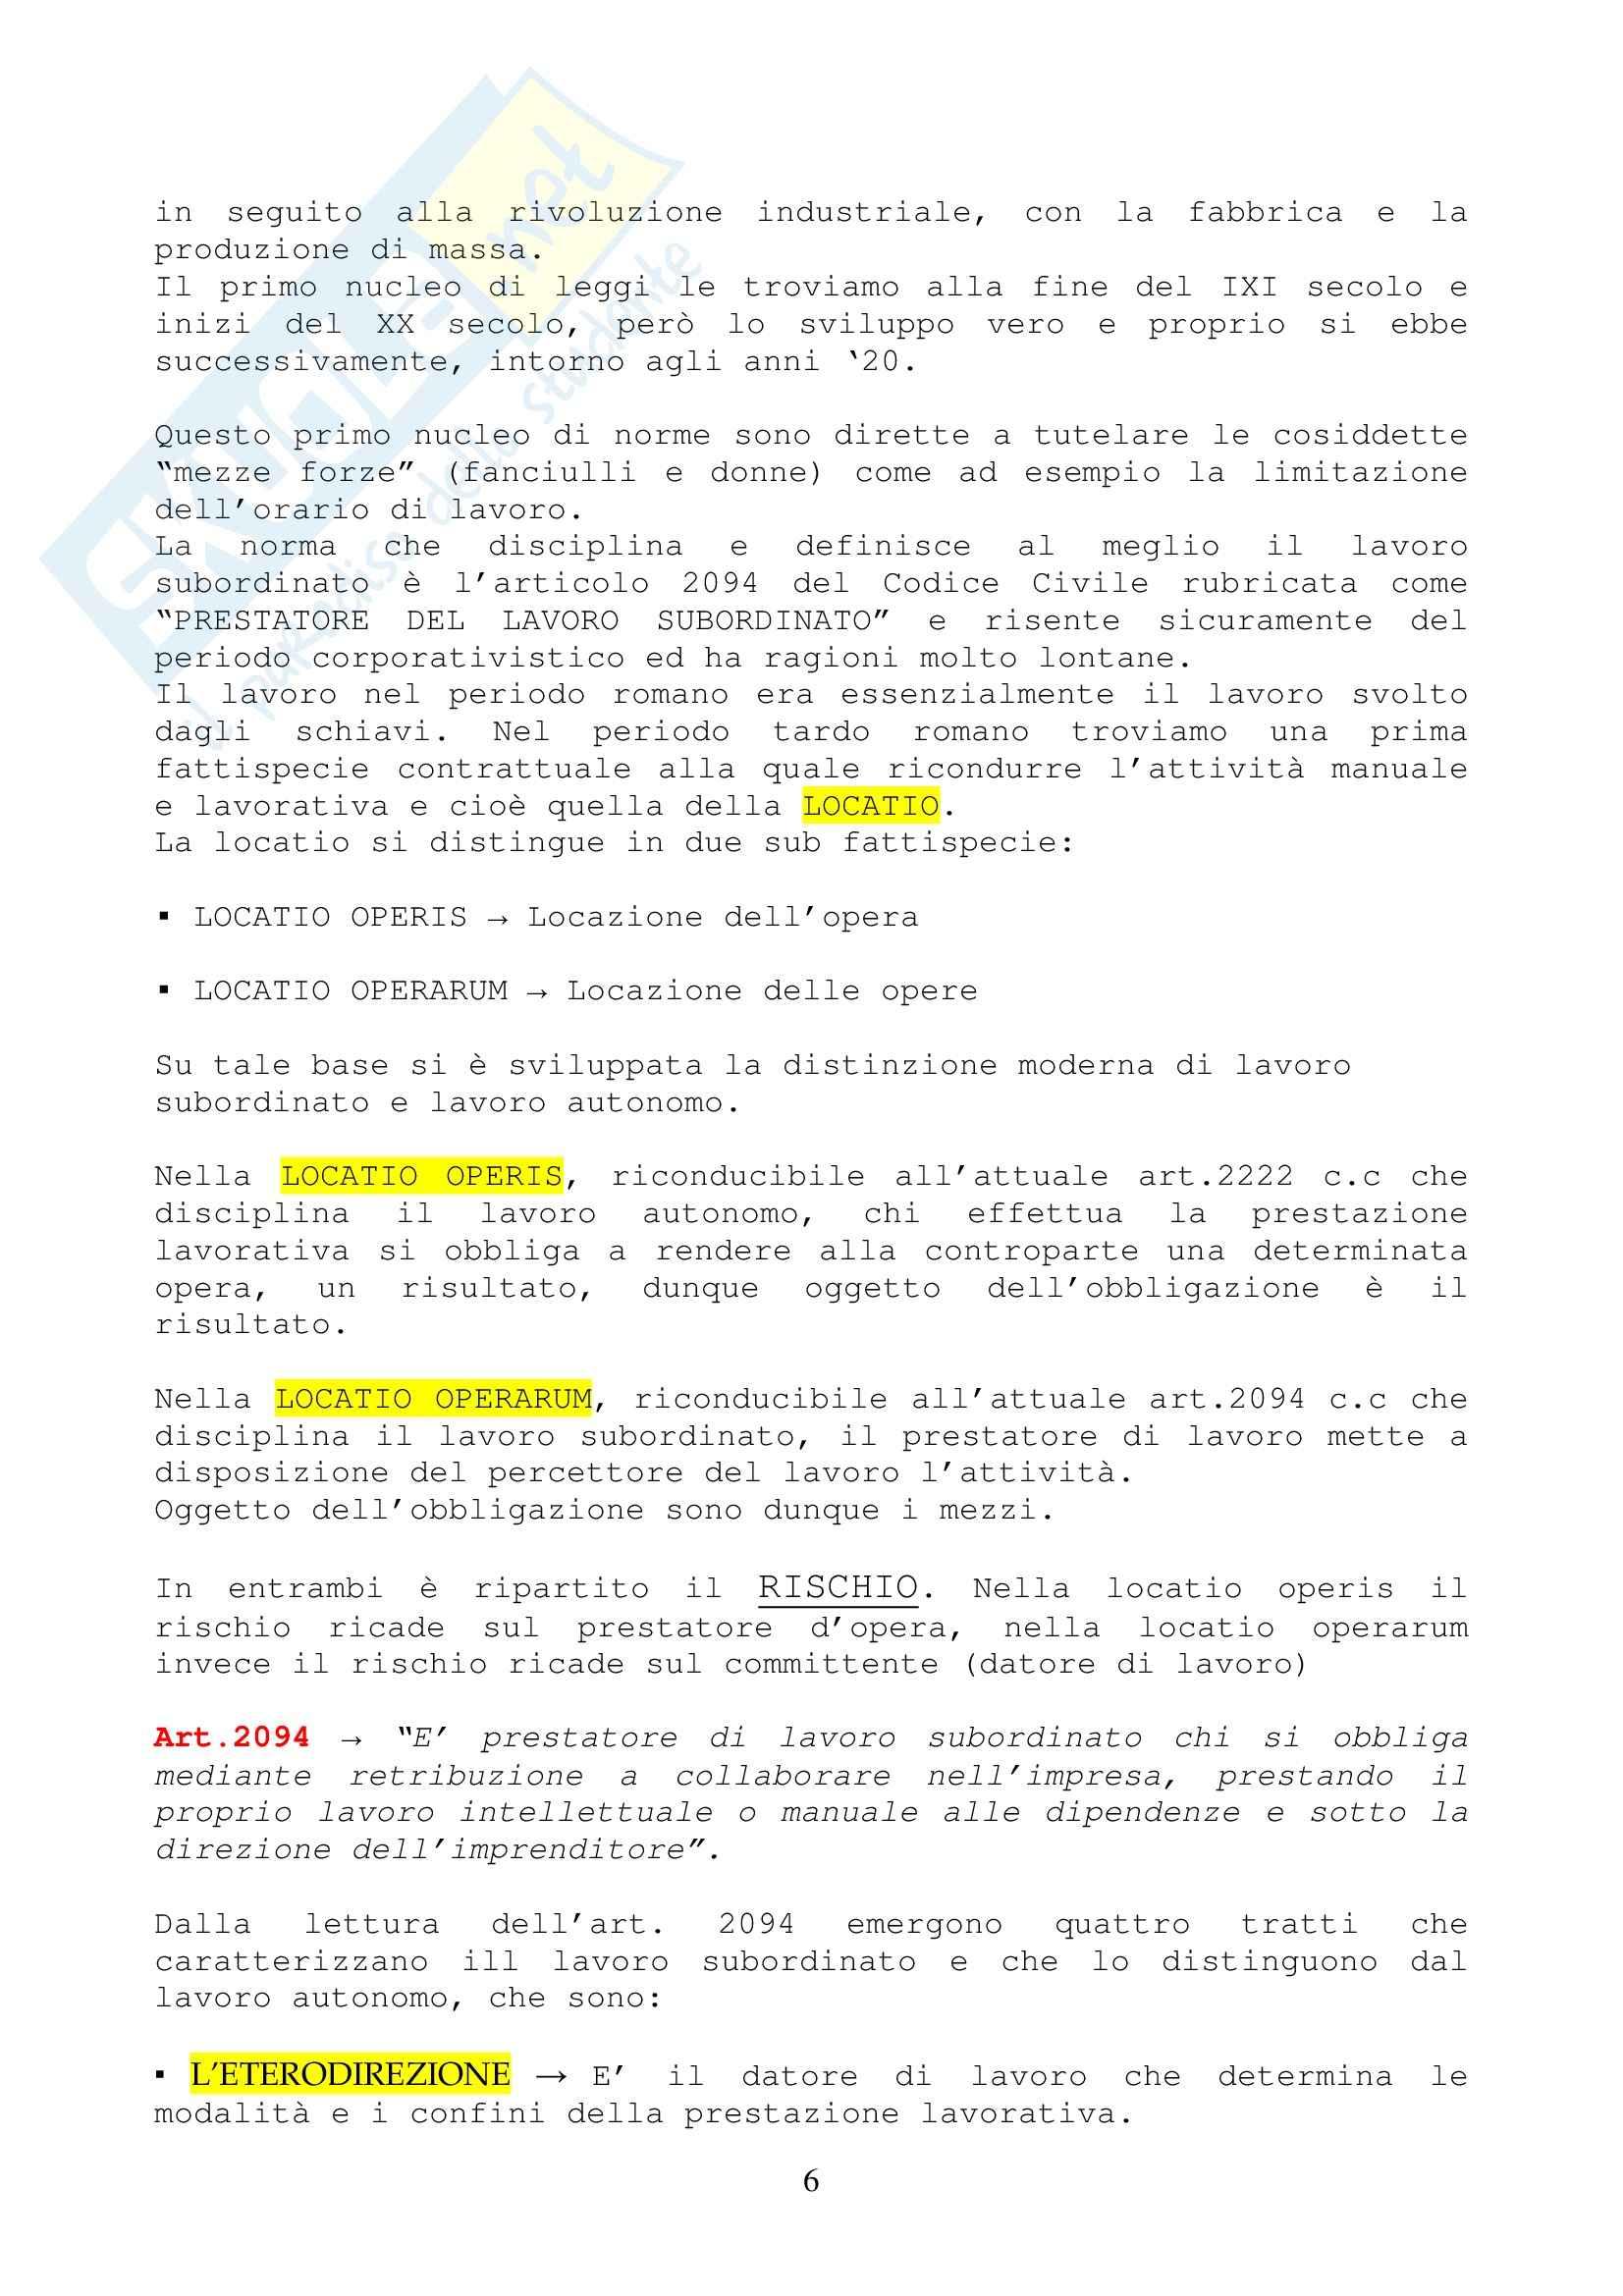 Diritto del lavoro - Appunti Pag. 6